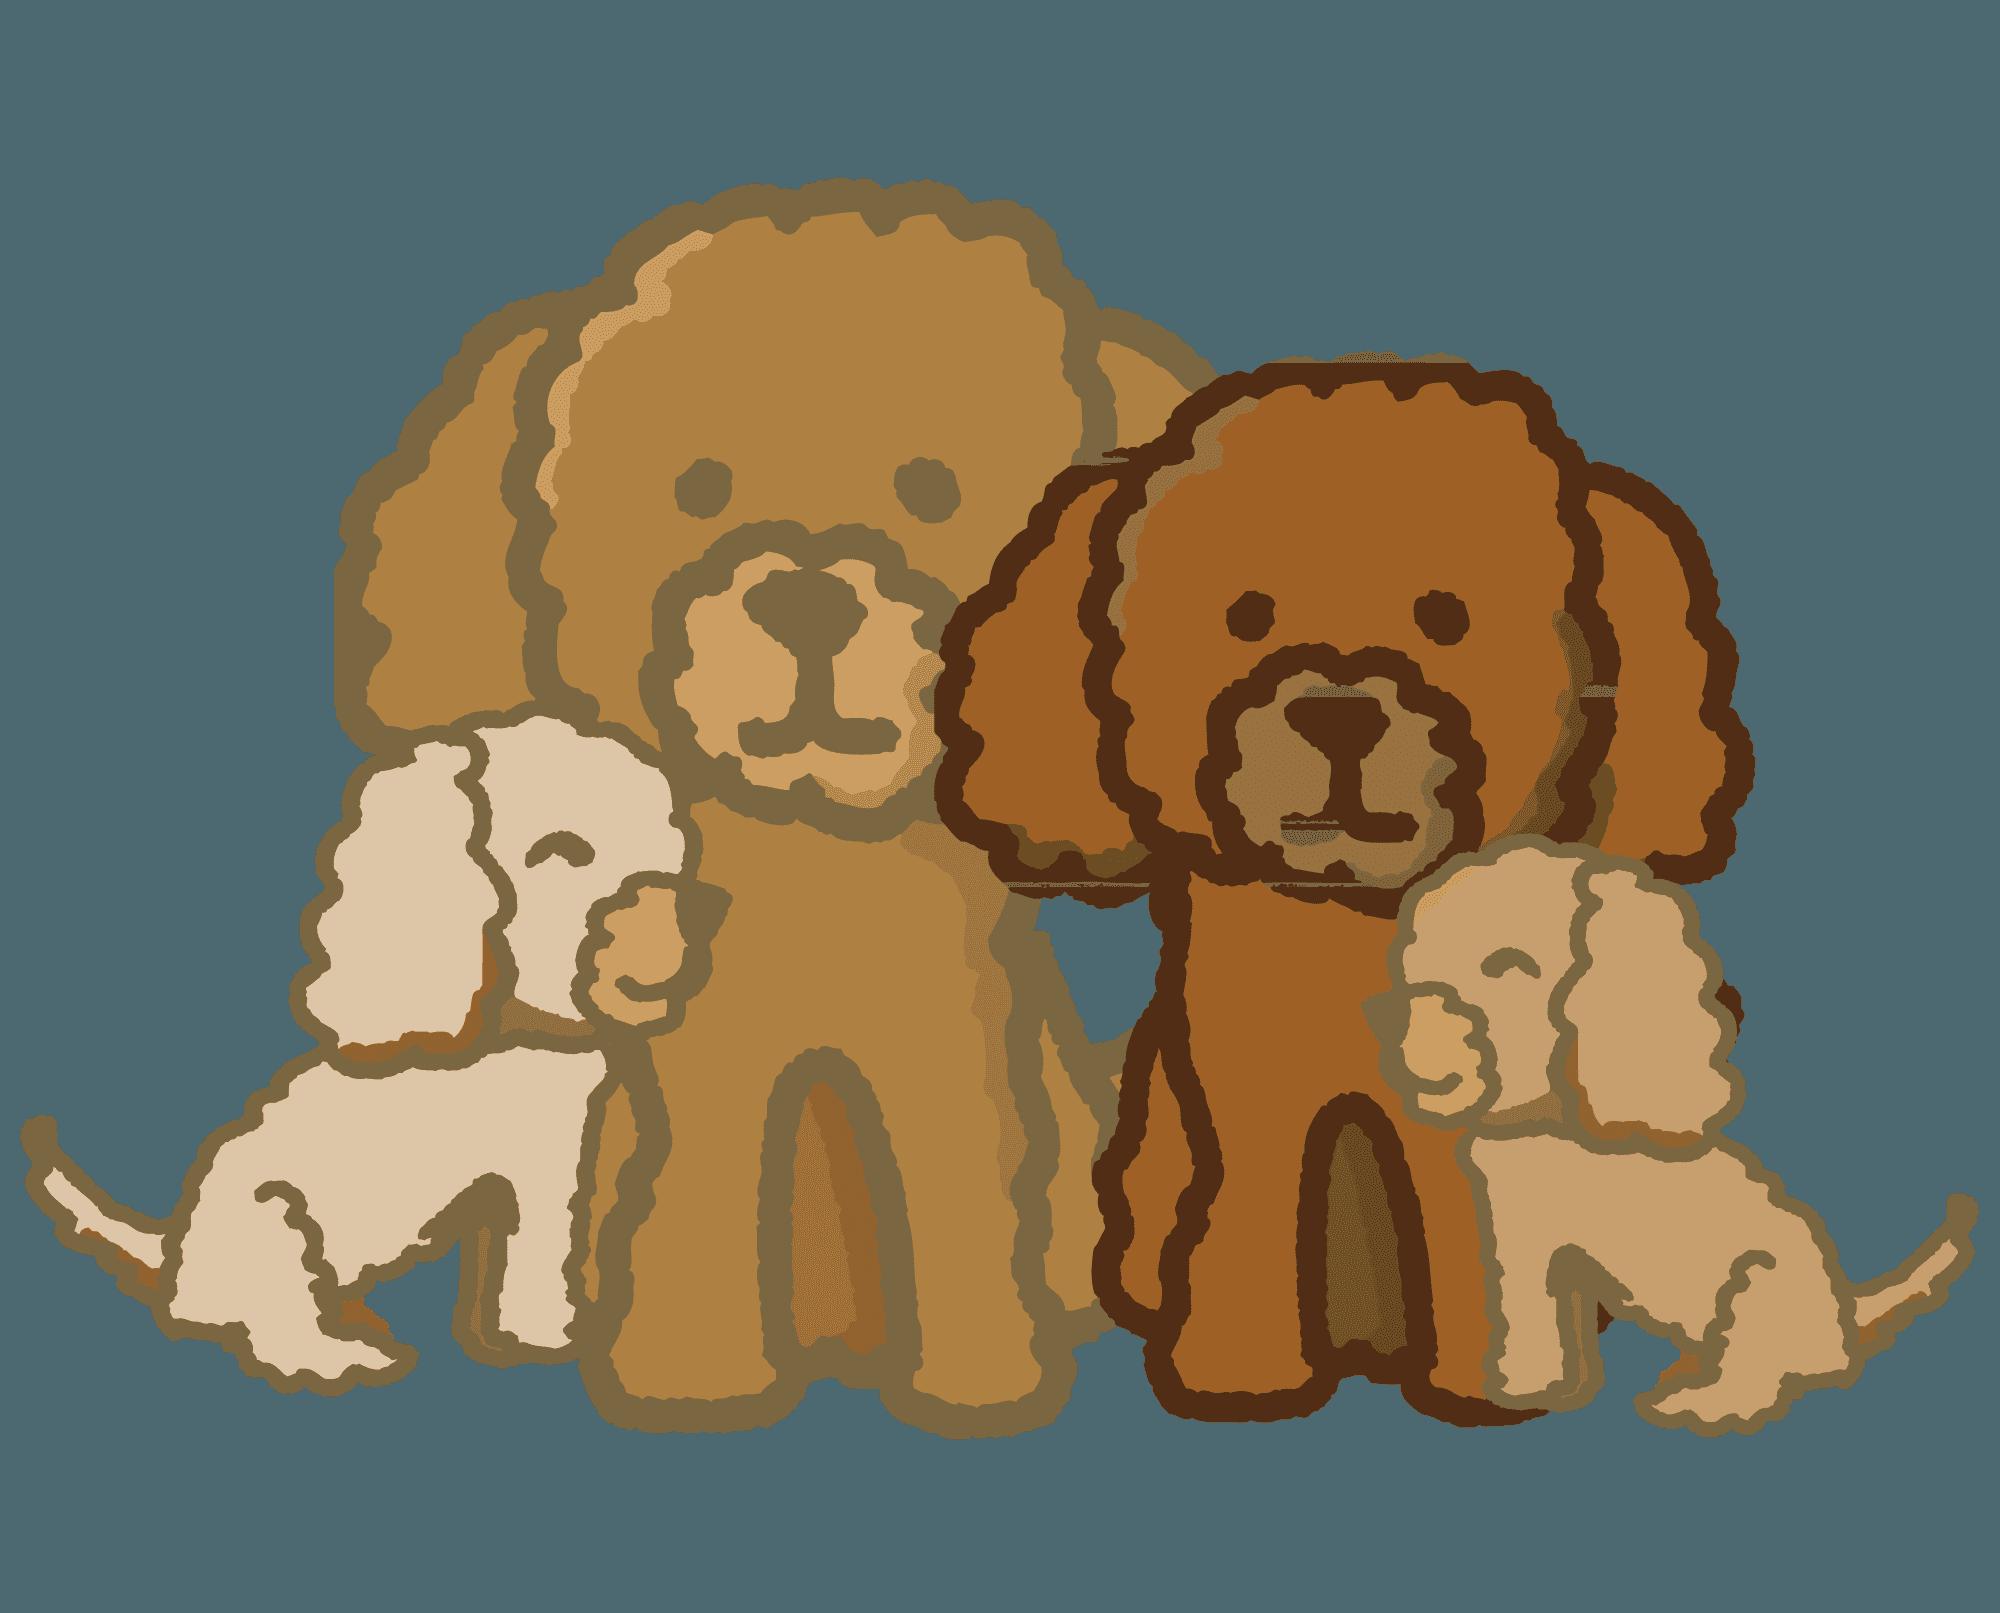 トイプードルの親子のイラスト